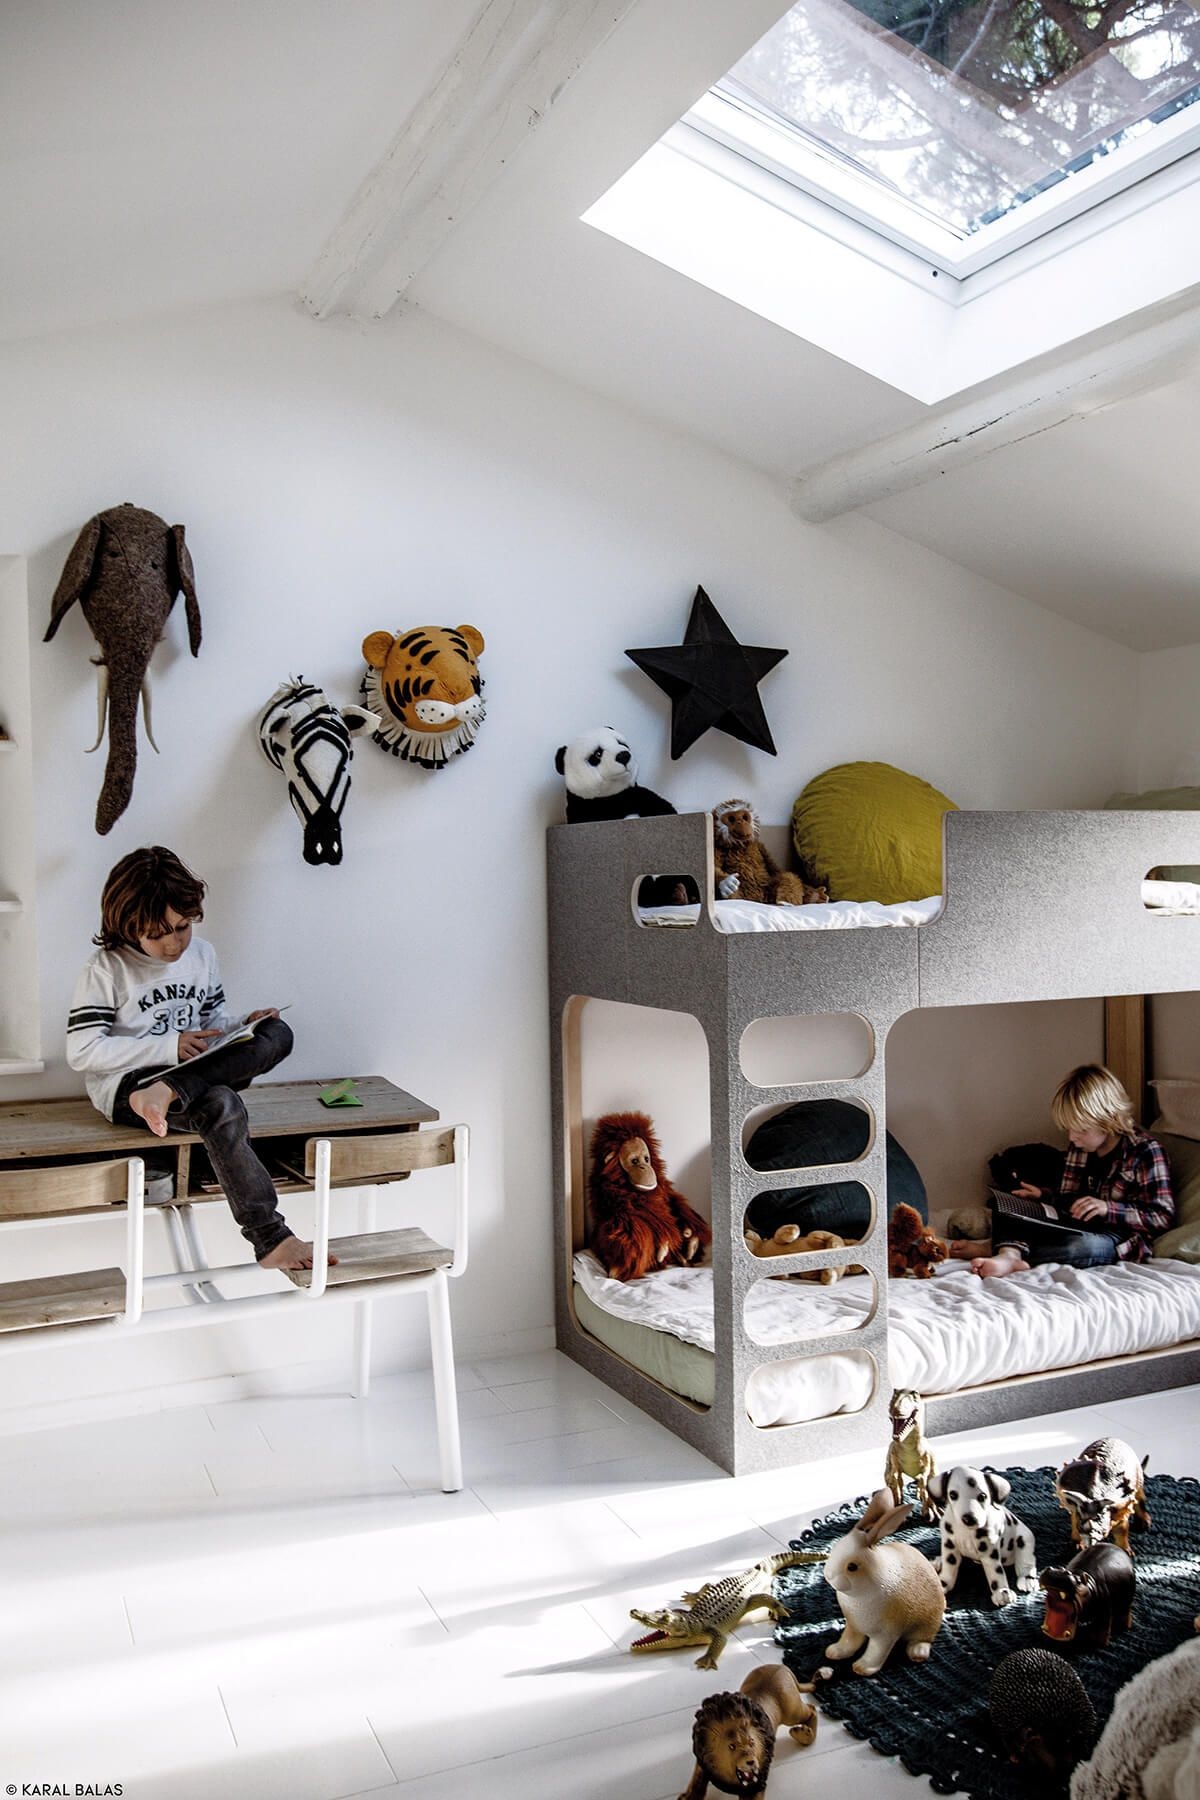 comment aménager une chambre quand on a deux enfants   = interiors